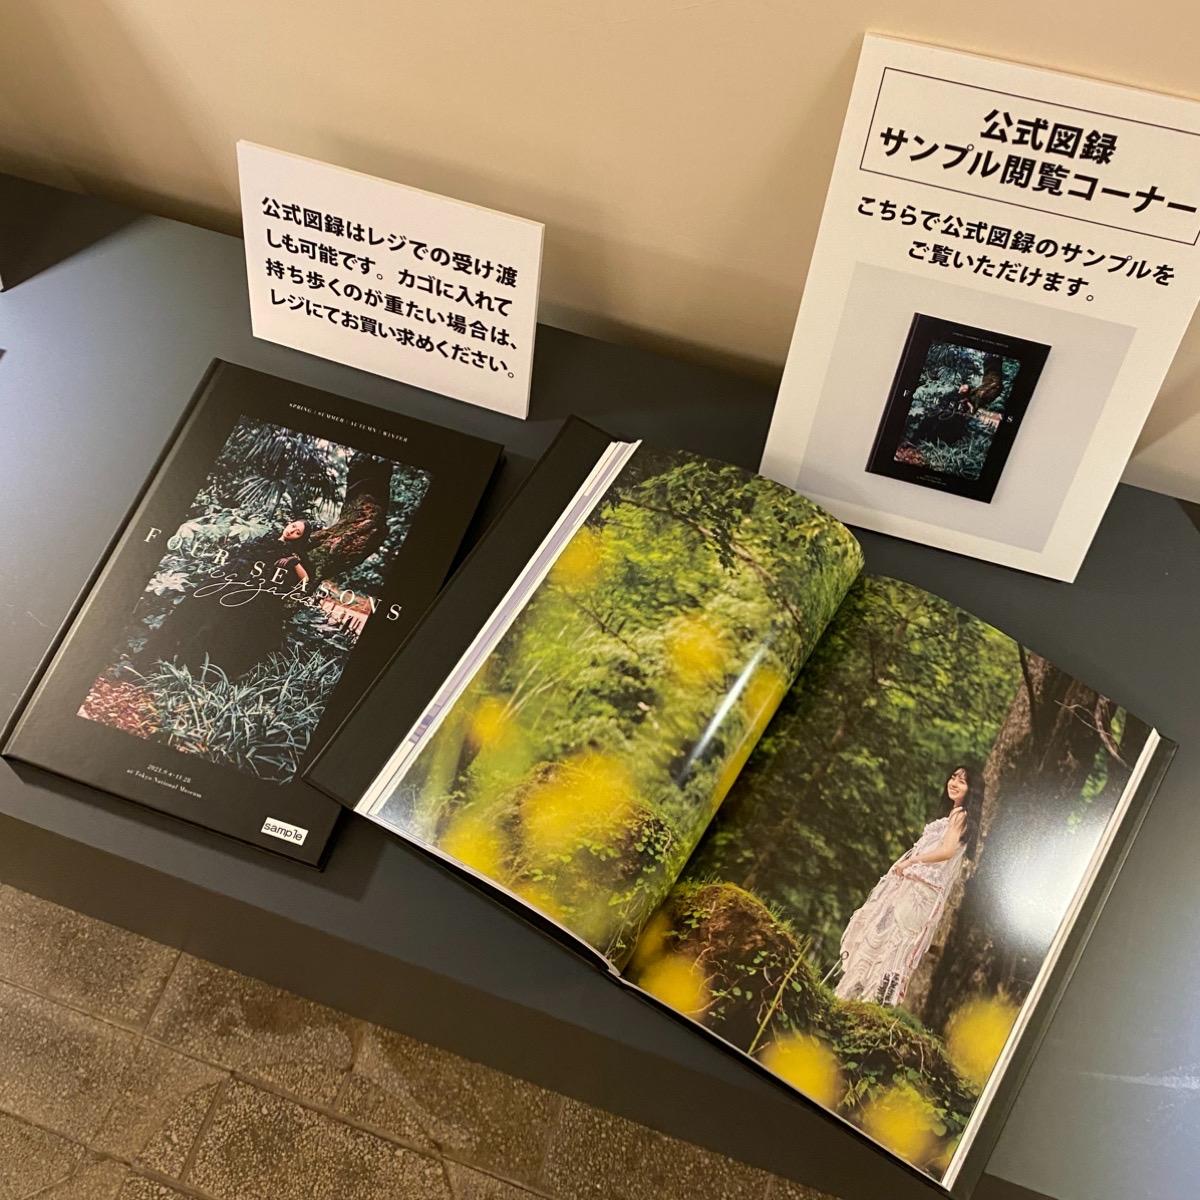 乃木坂46の春夏秋冬/フォーシーズンズおすすめグッズは公式図録